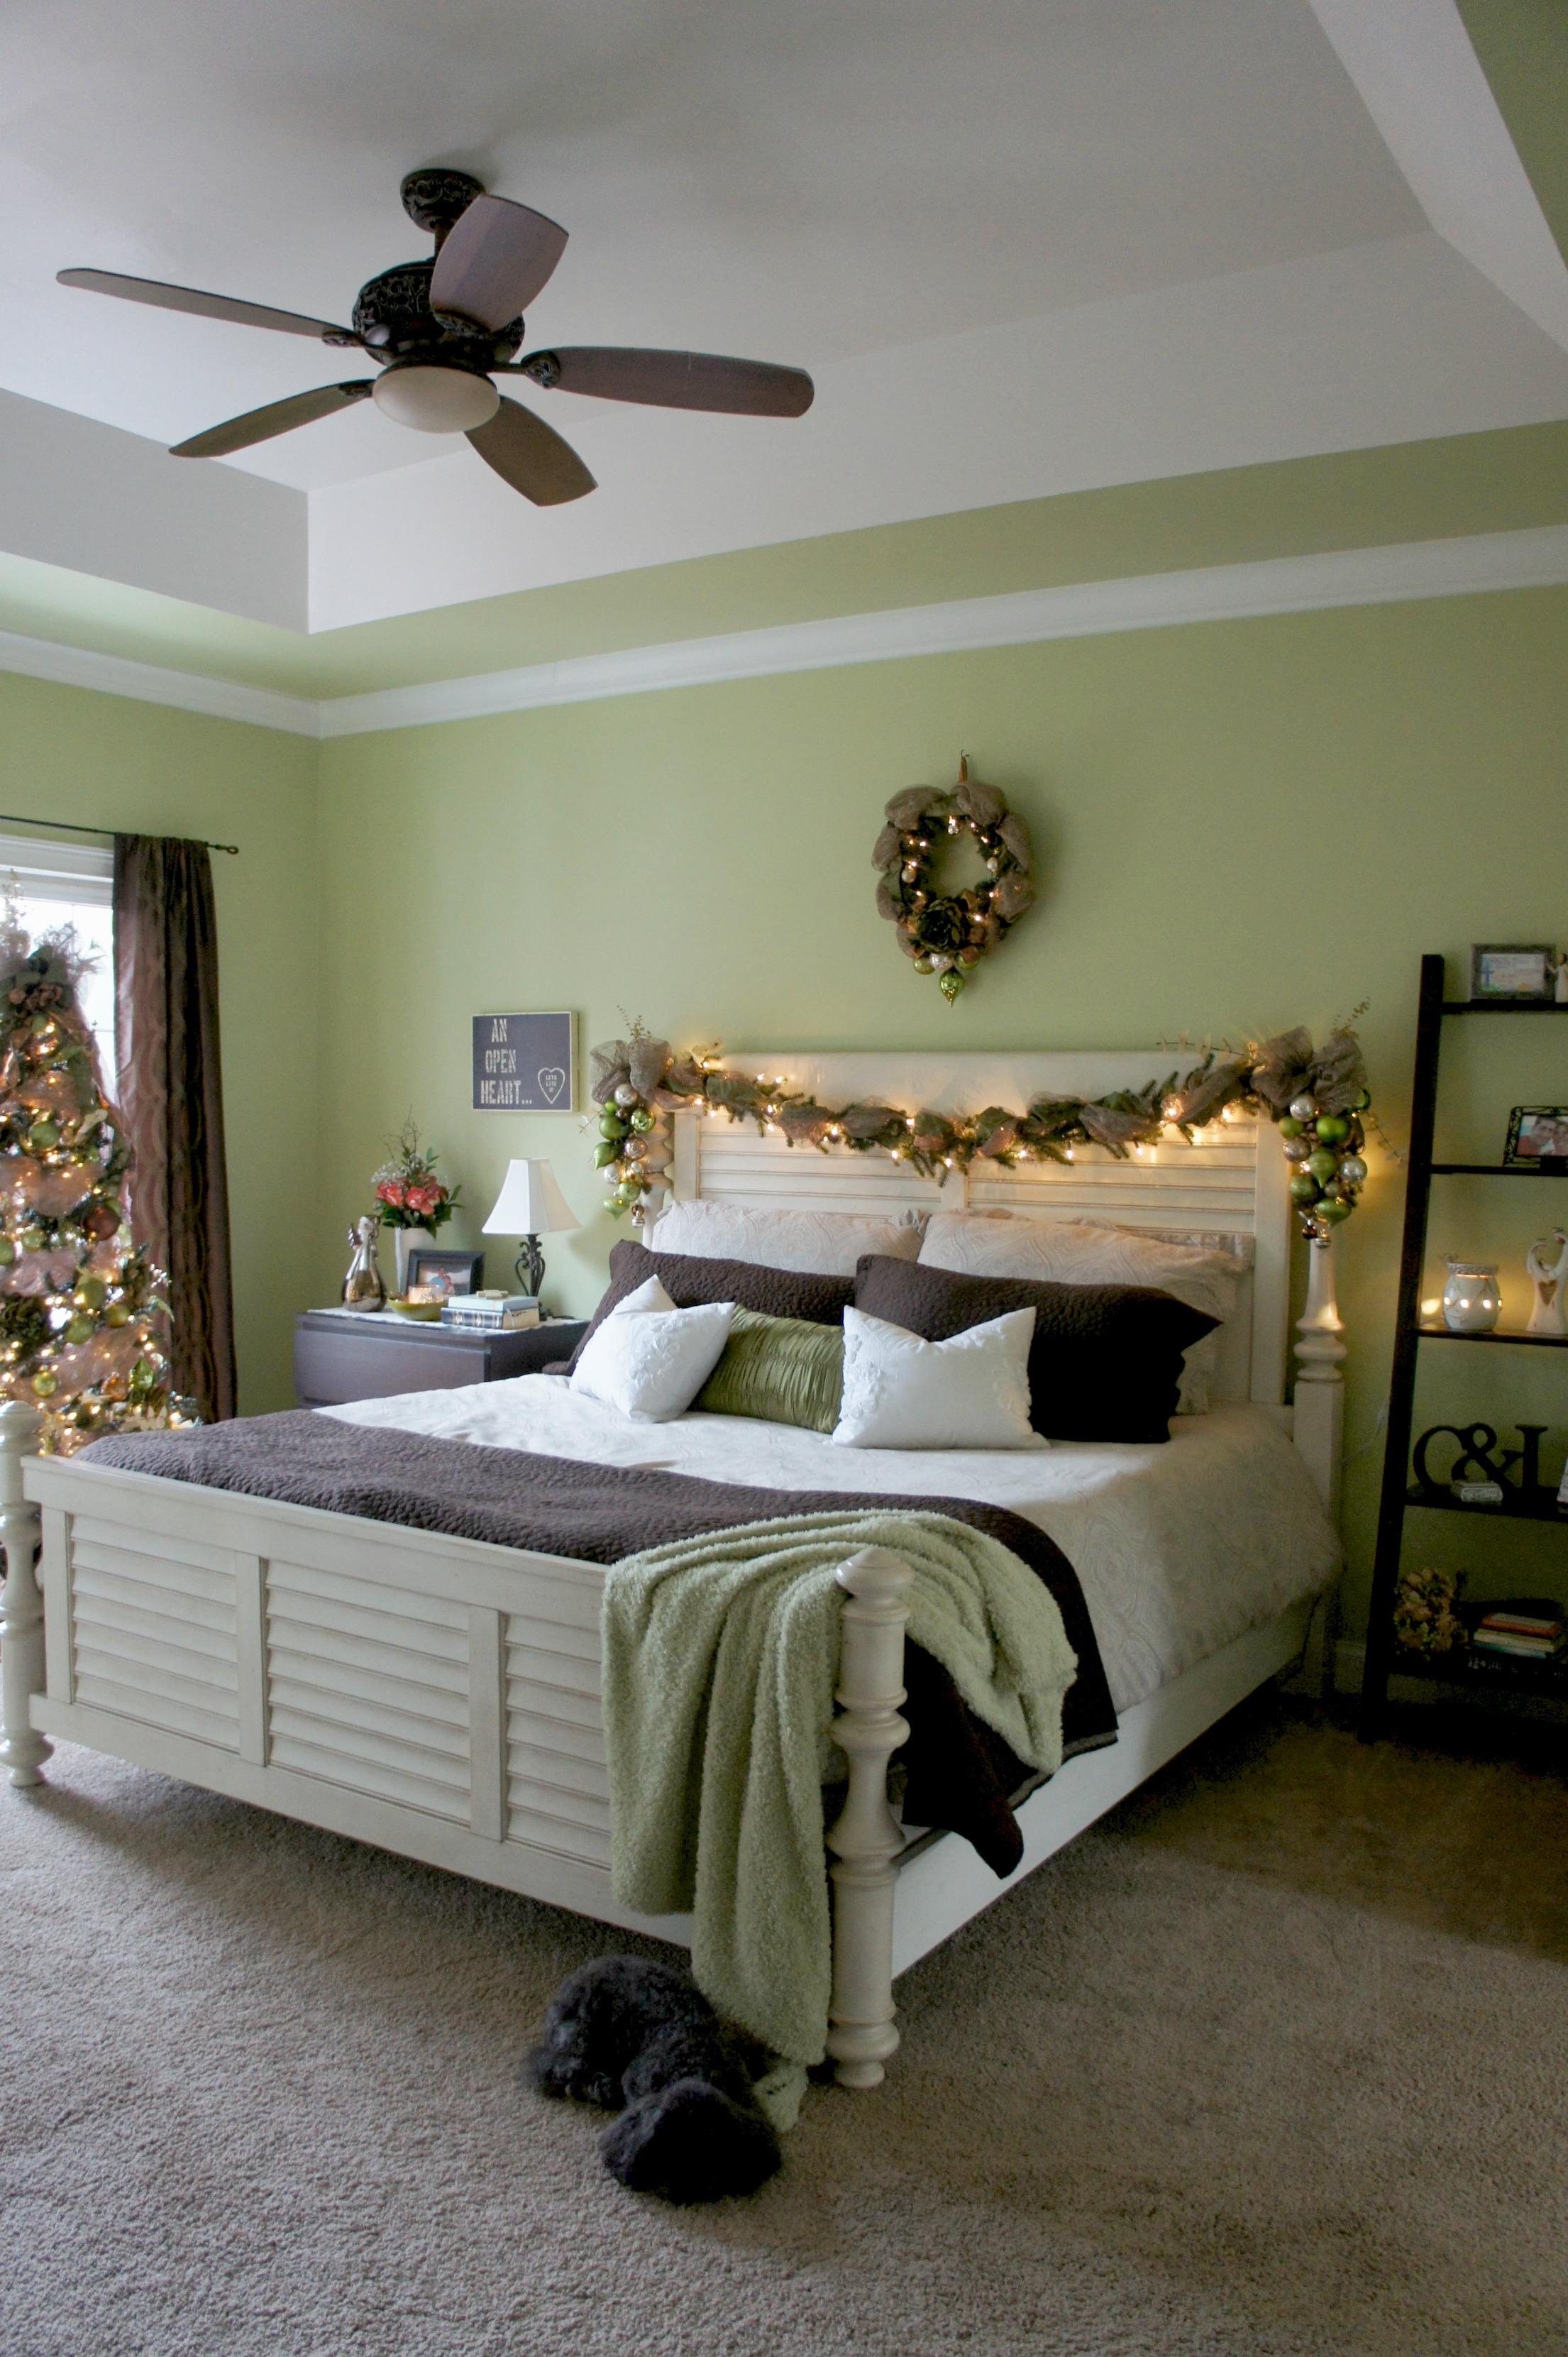 A Christmas Bedroom on Bedroom Curtains Ideas  id=62748